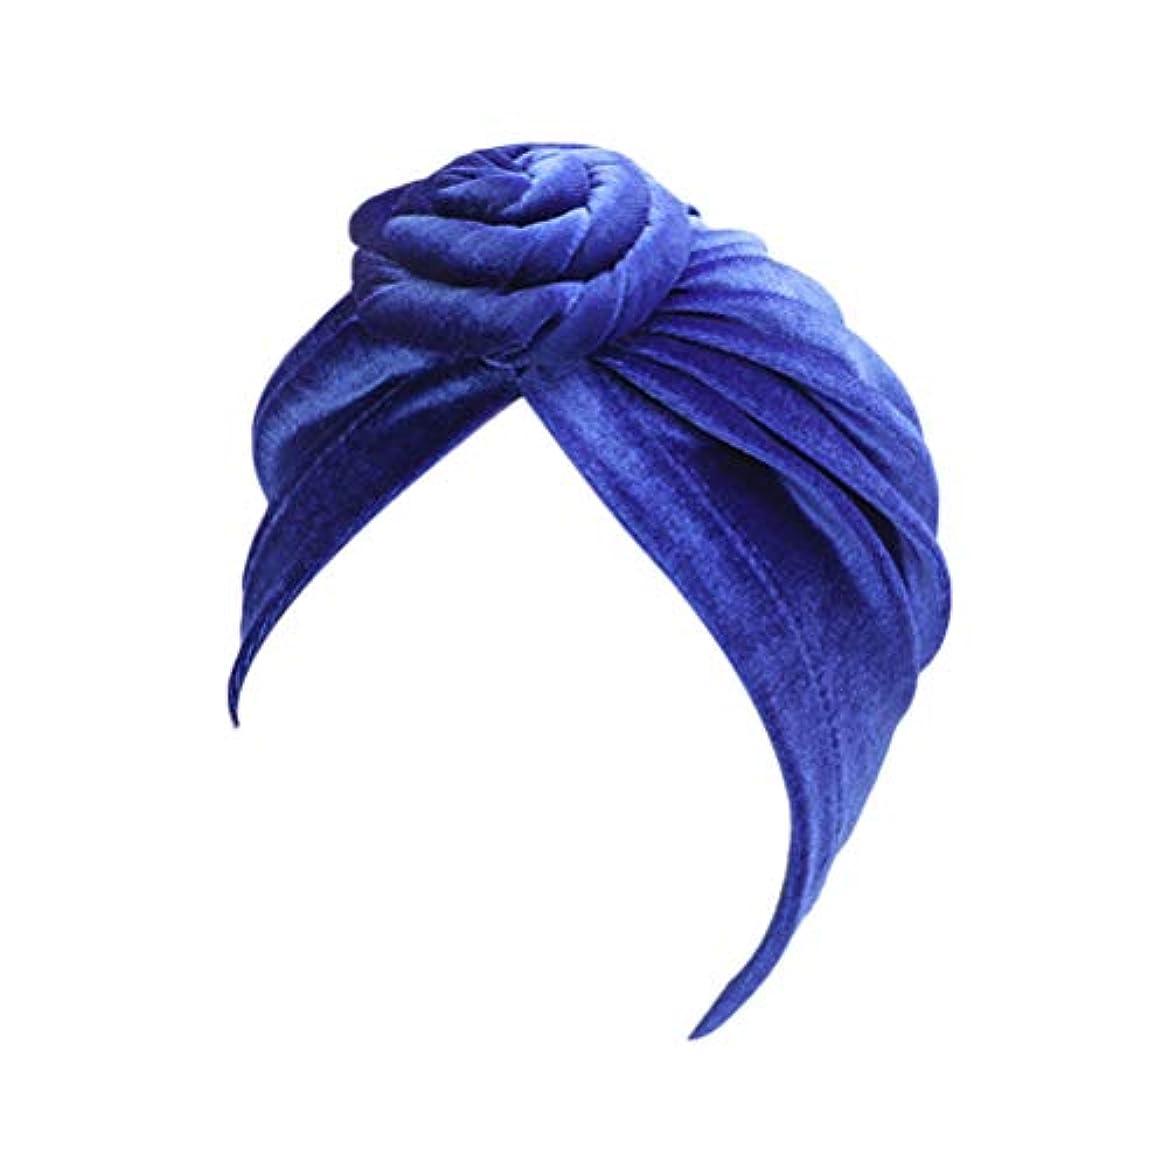 正規化アレキサンダーグラハムベル針Healifty 睡眠ナイトキャップ花装飾ワイドバンドボンネットナイトヘッドカバーソフトヘアターバン女性用ヘアビューティーケアキャップ(ブルー)